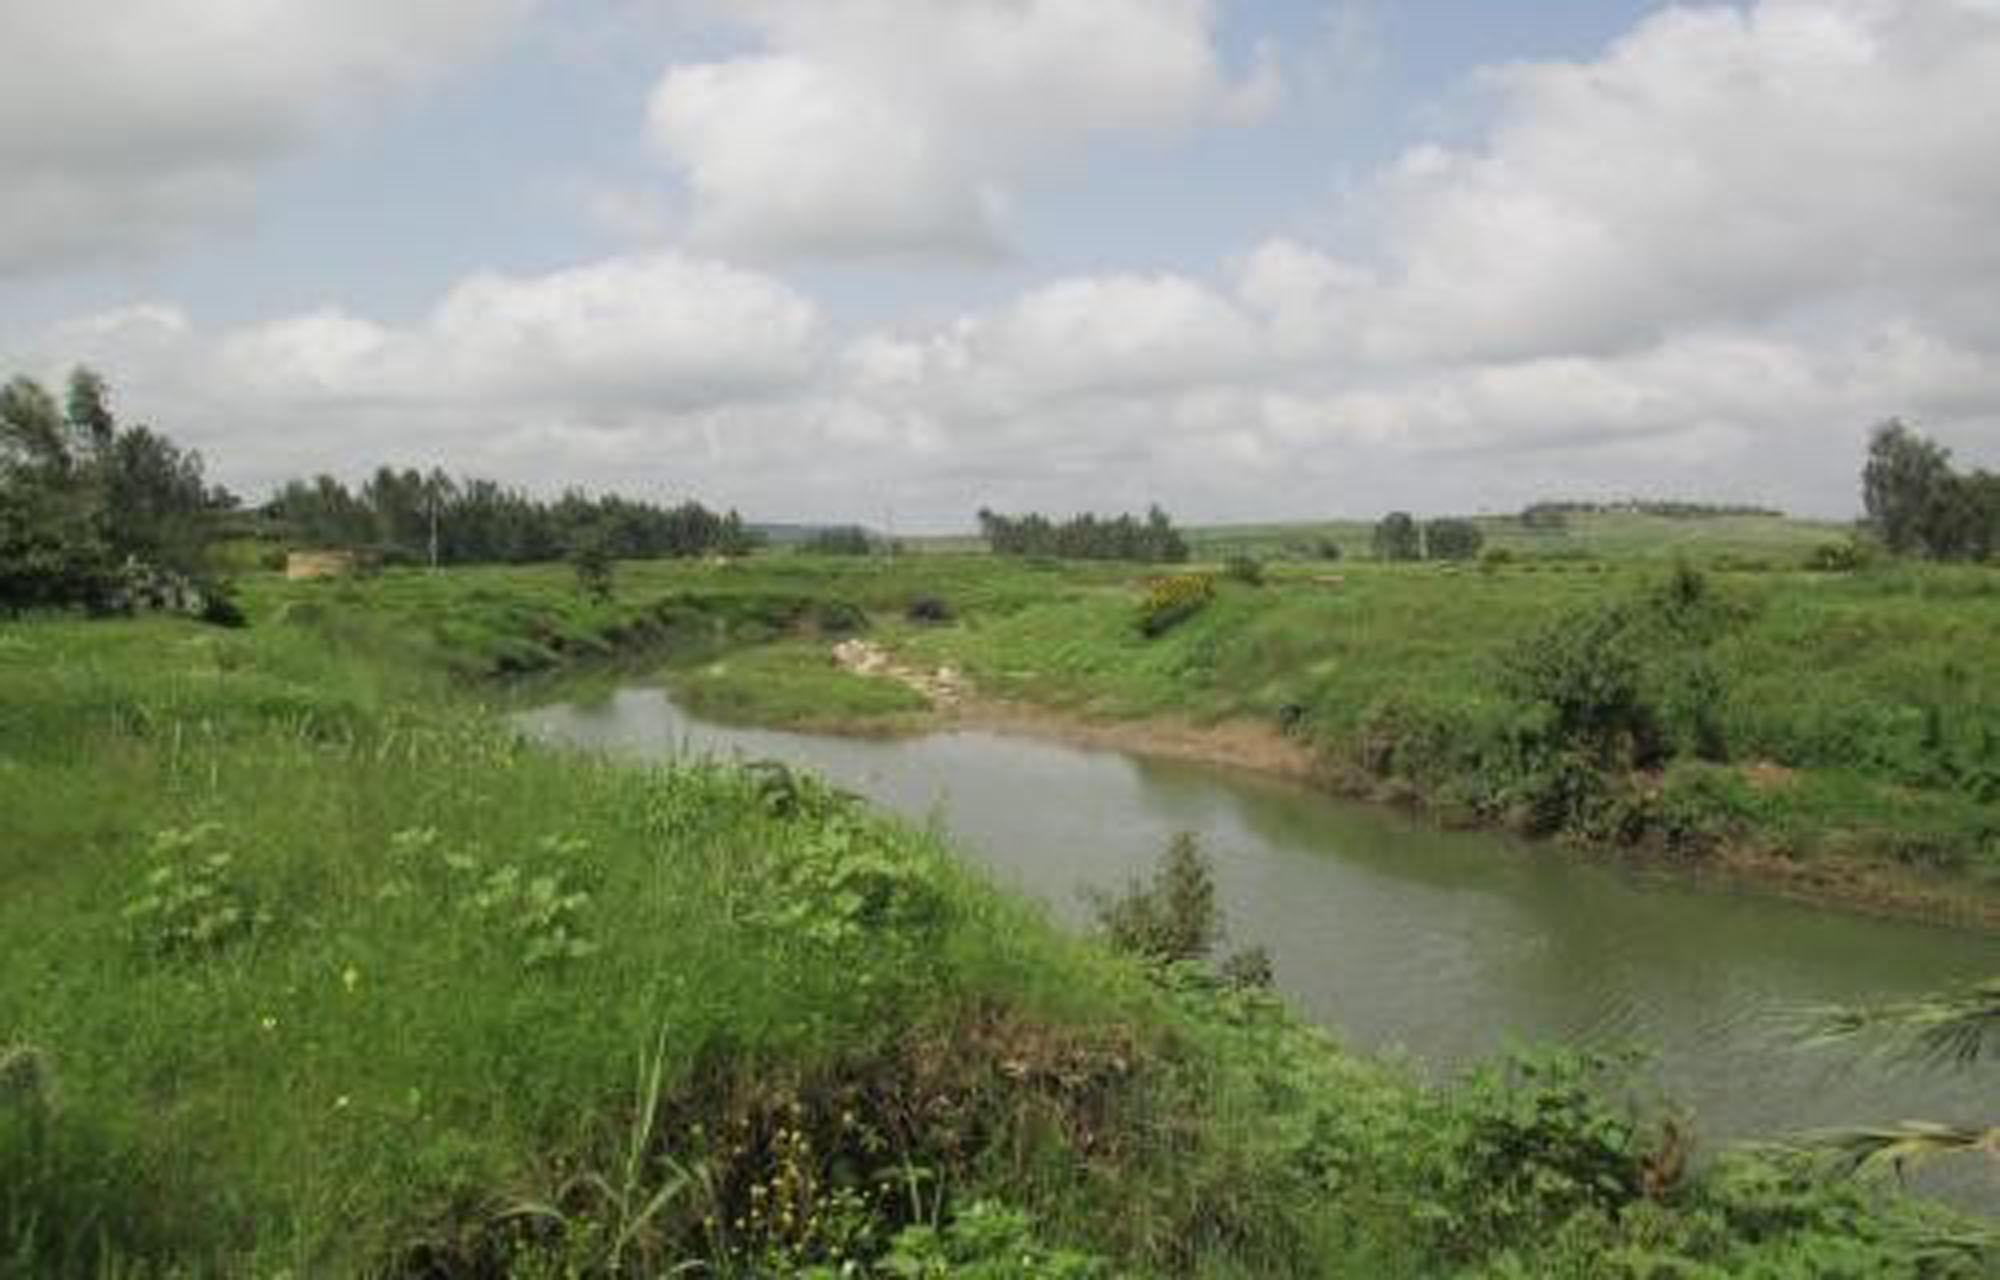 Proyecto Kainaberak para garantizar la seguridad alimentaria en Etiopia